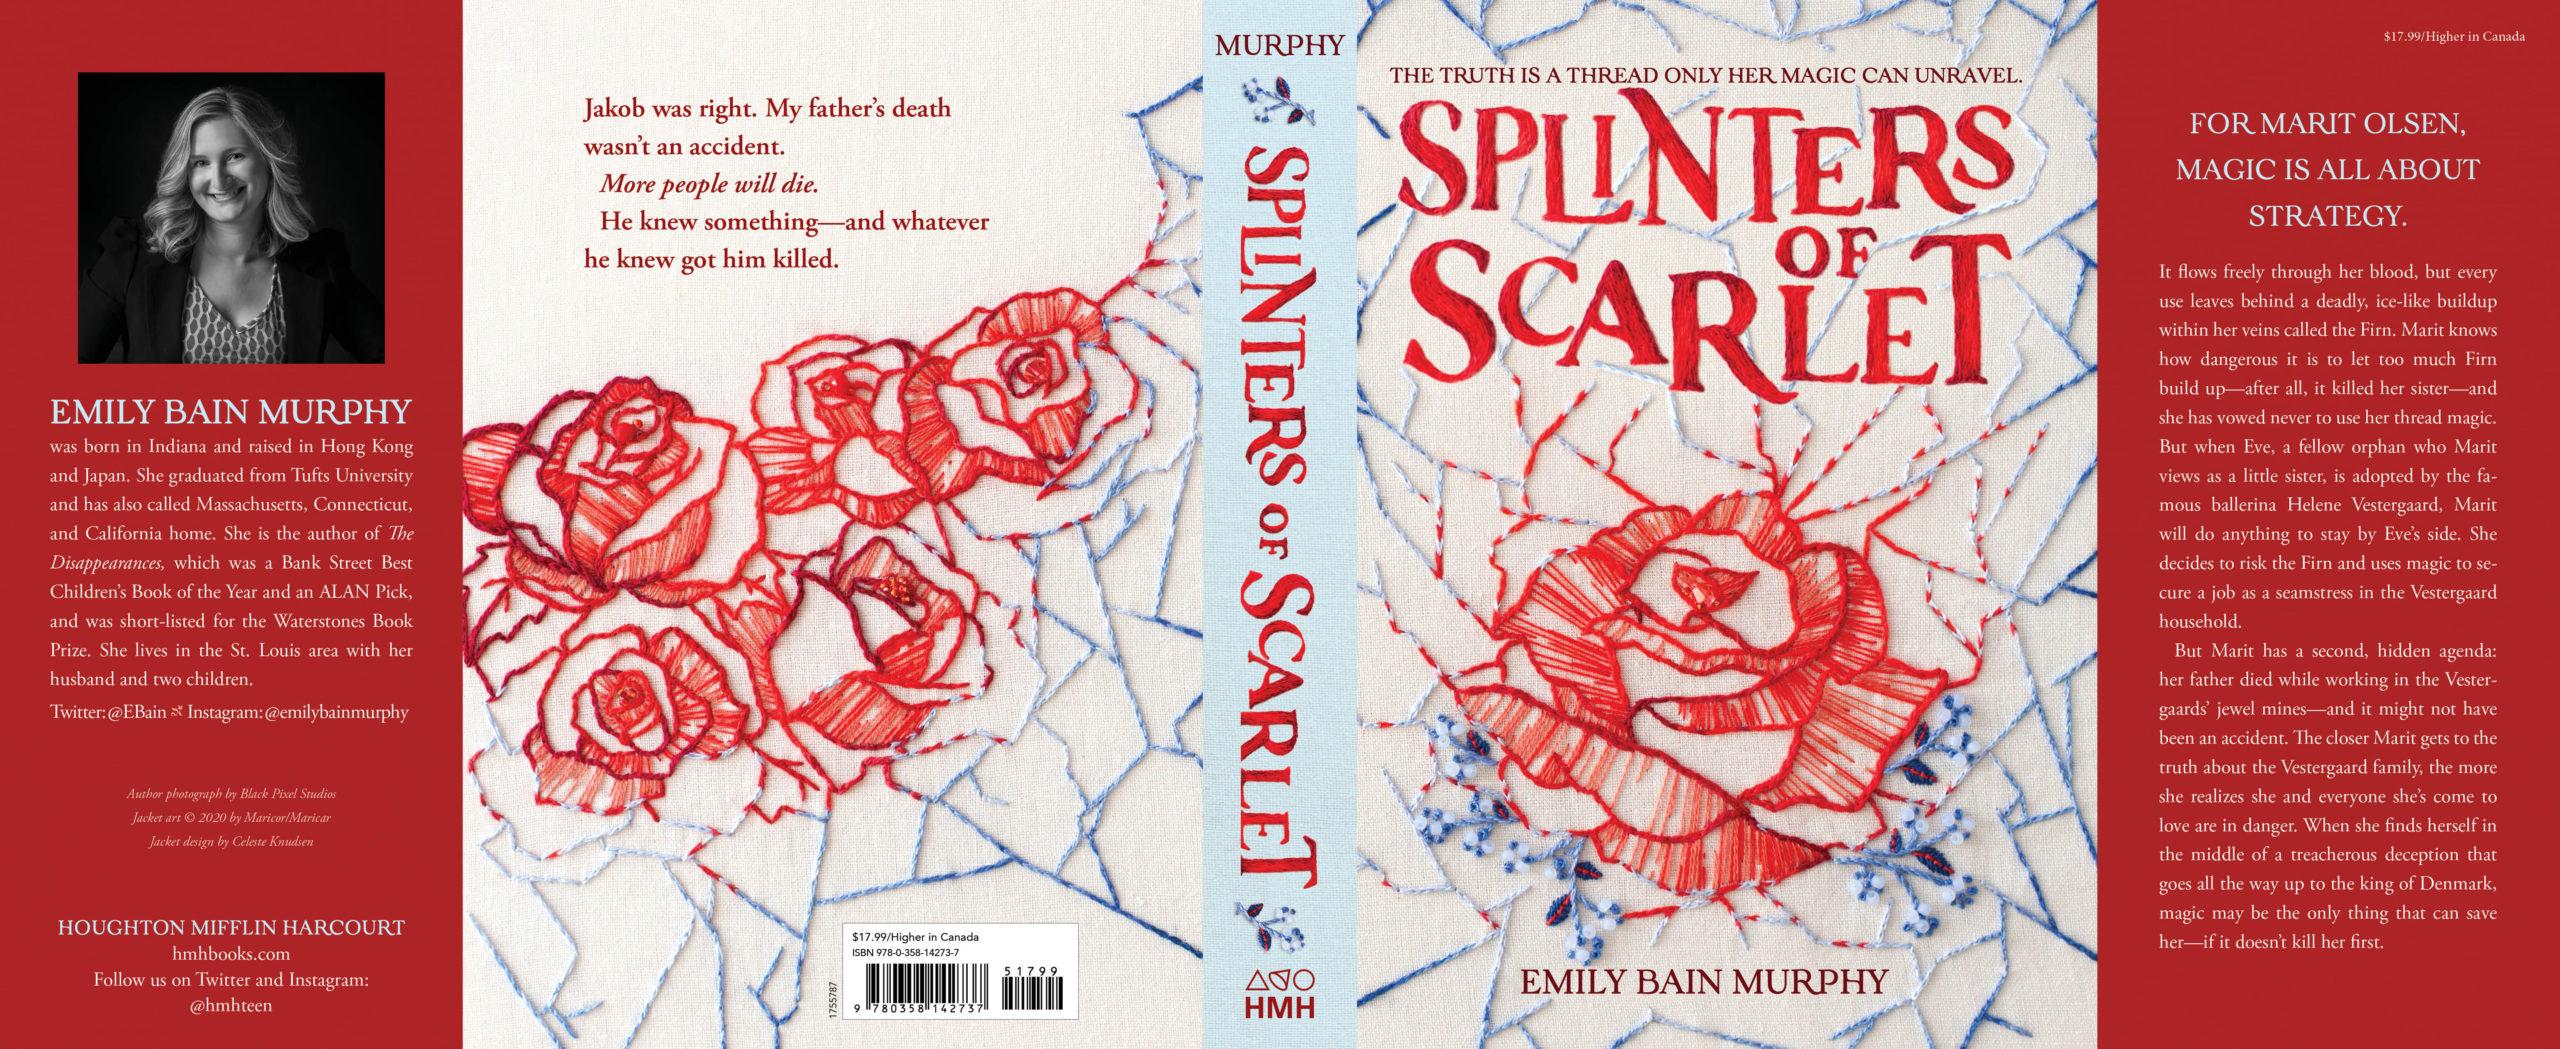 Murphy_SPLINTERS-OF-SCARLET_jkt_3p